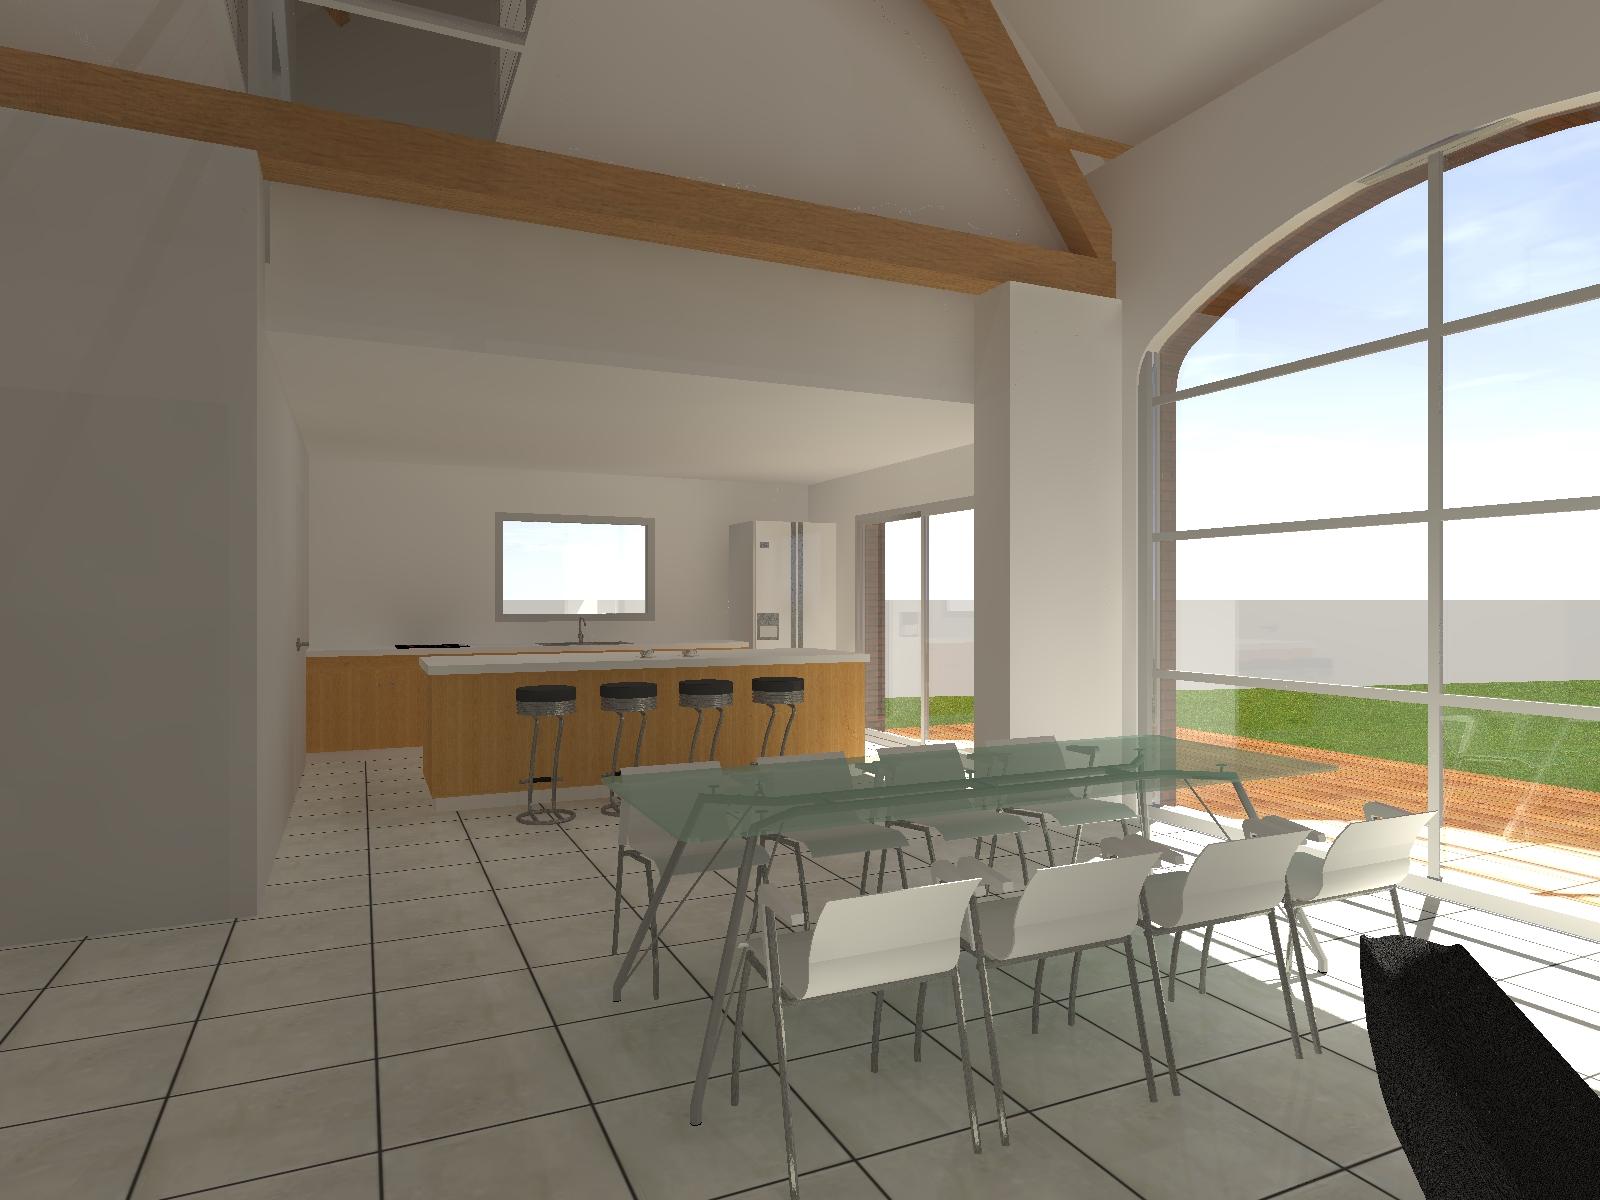 16-31-atelier-permis-de-construire-plans-grange20